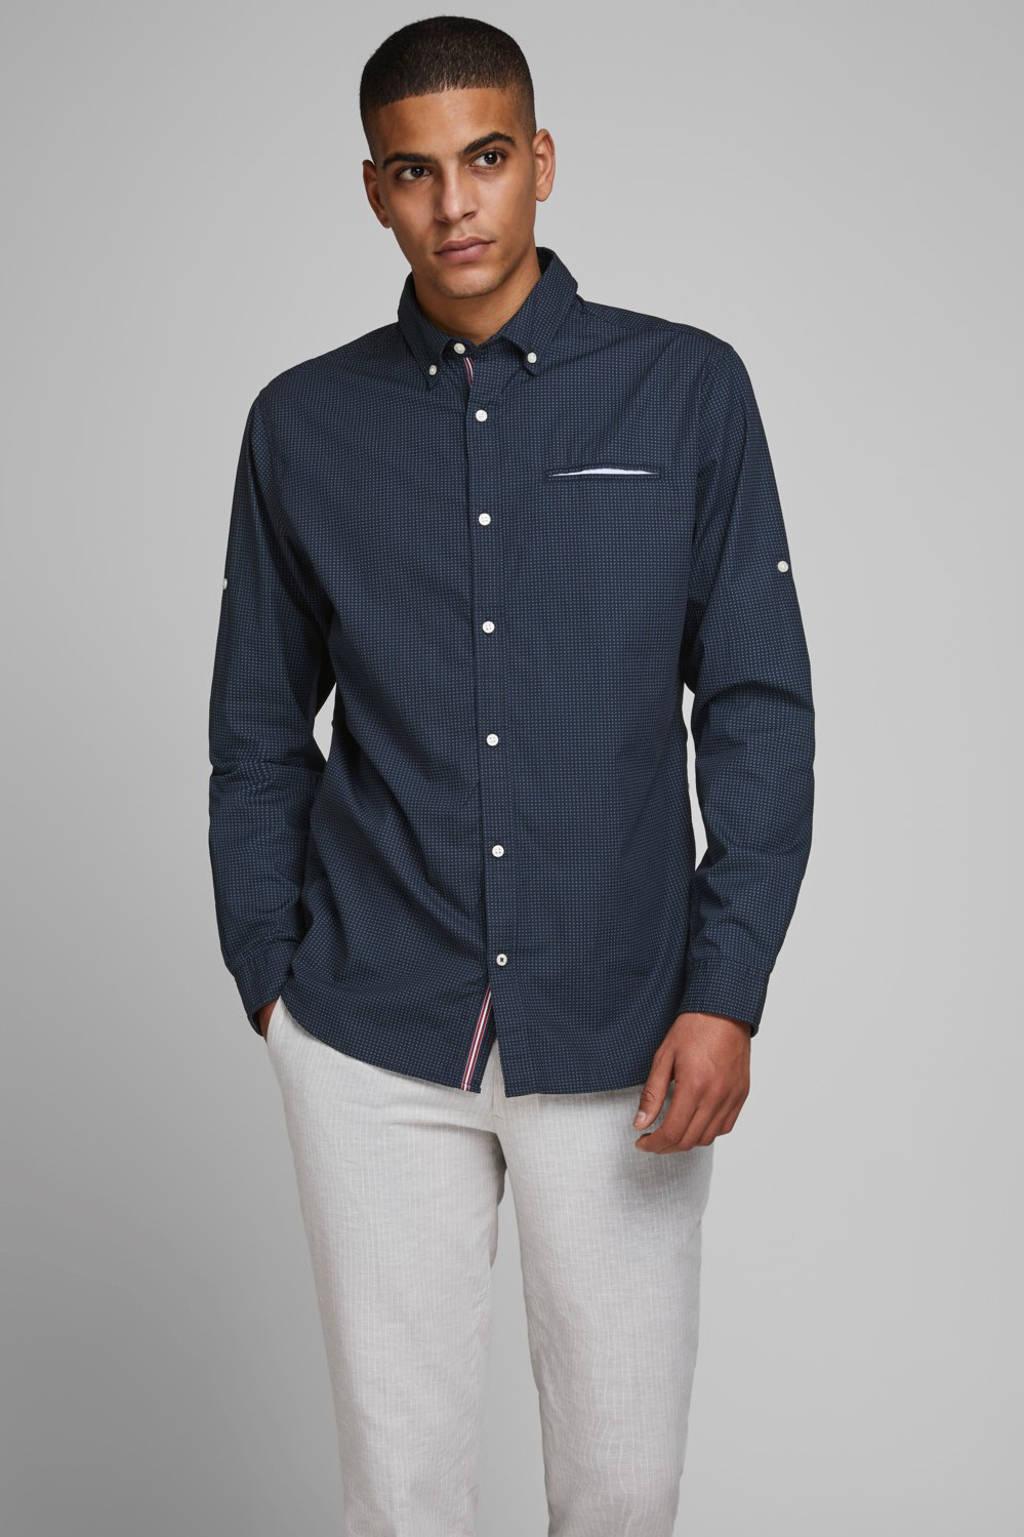 JACK & JONES ESSENTIALS slim fit overhemd met all over print marine, Marine